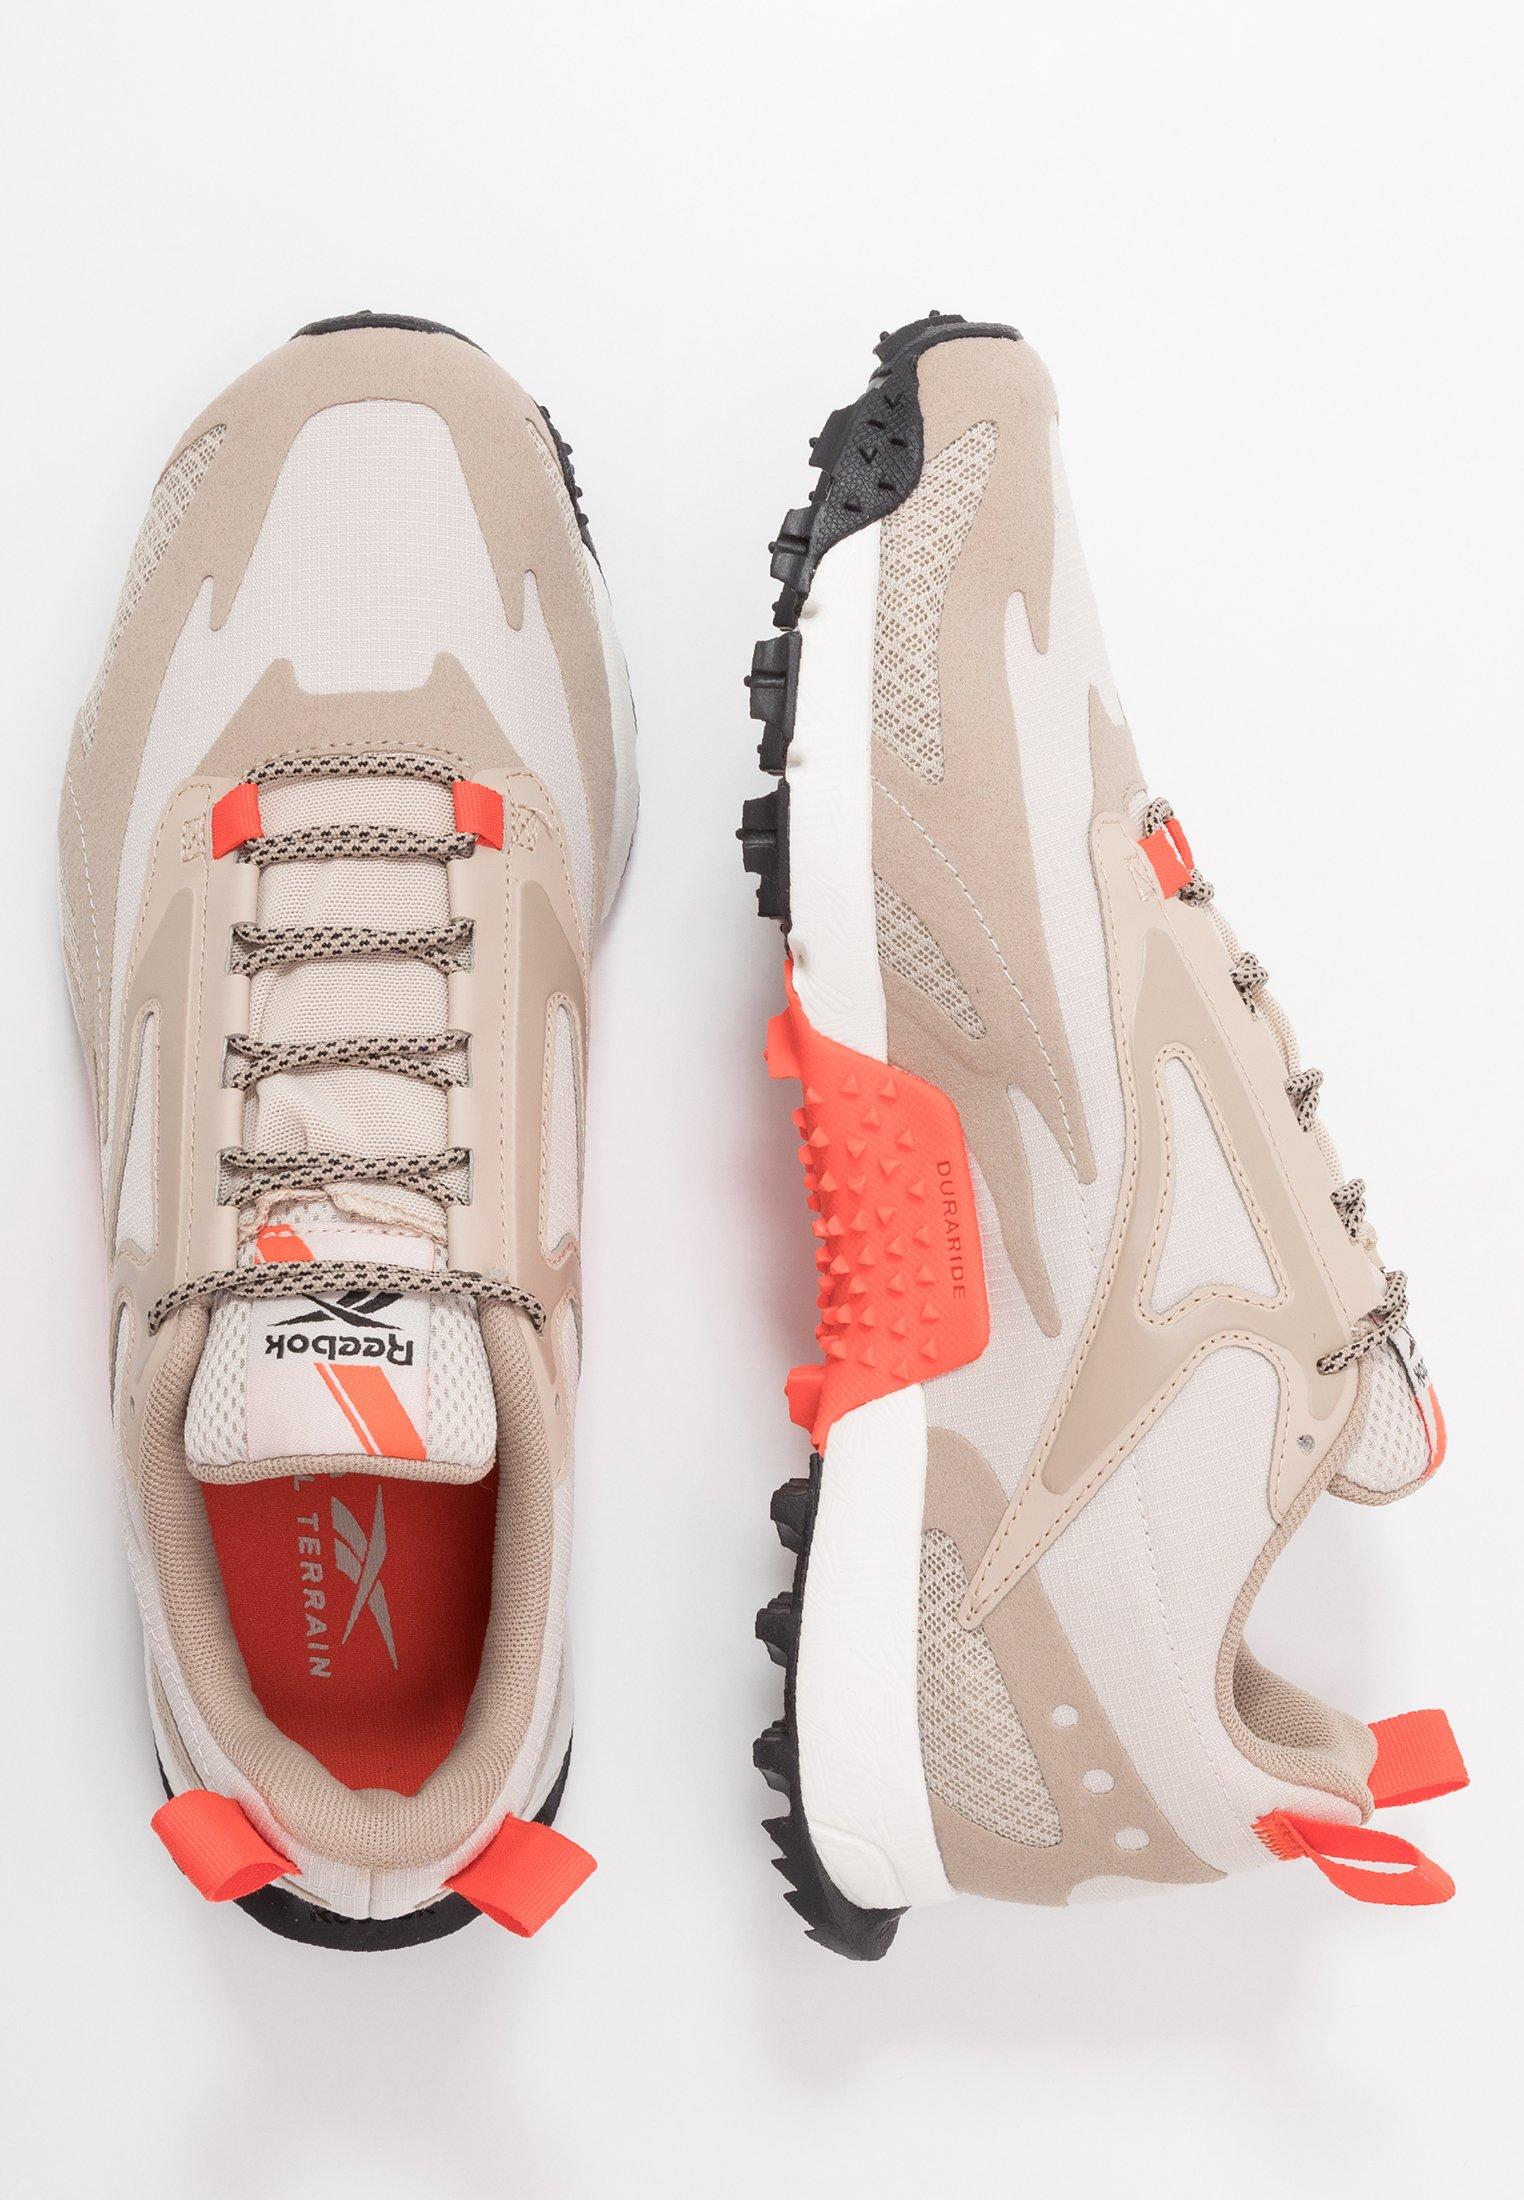 Reebok CRAZE 2.0 - Chaussures de running - beige